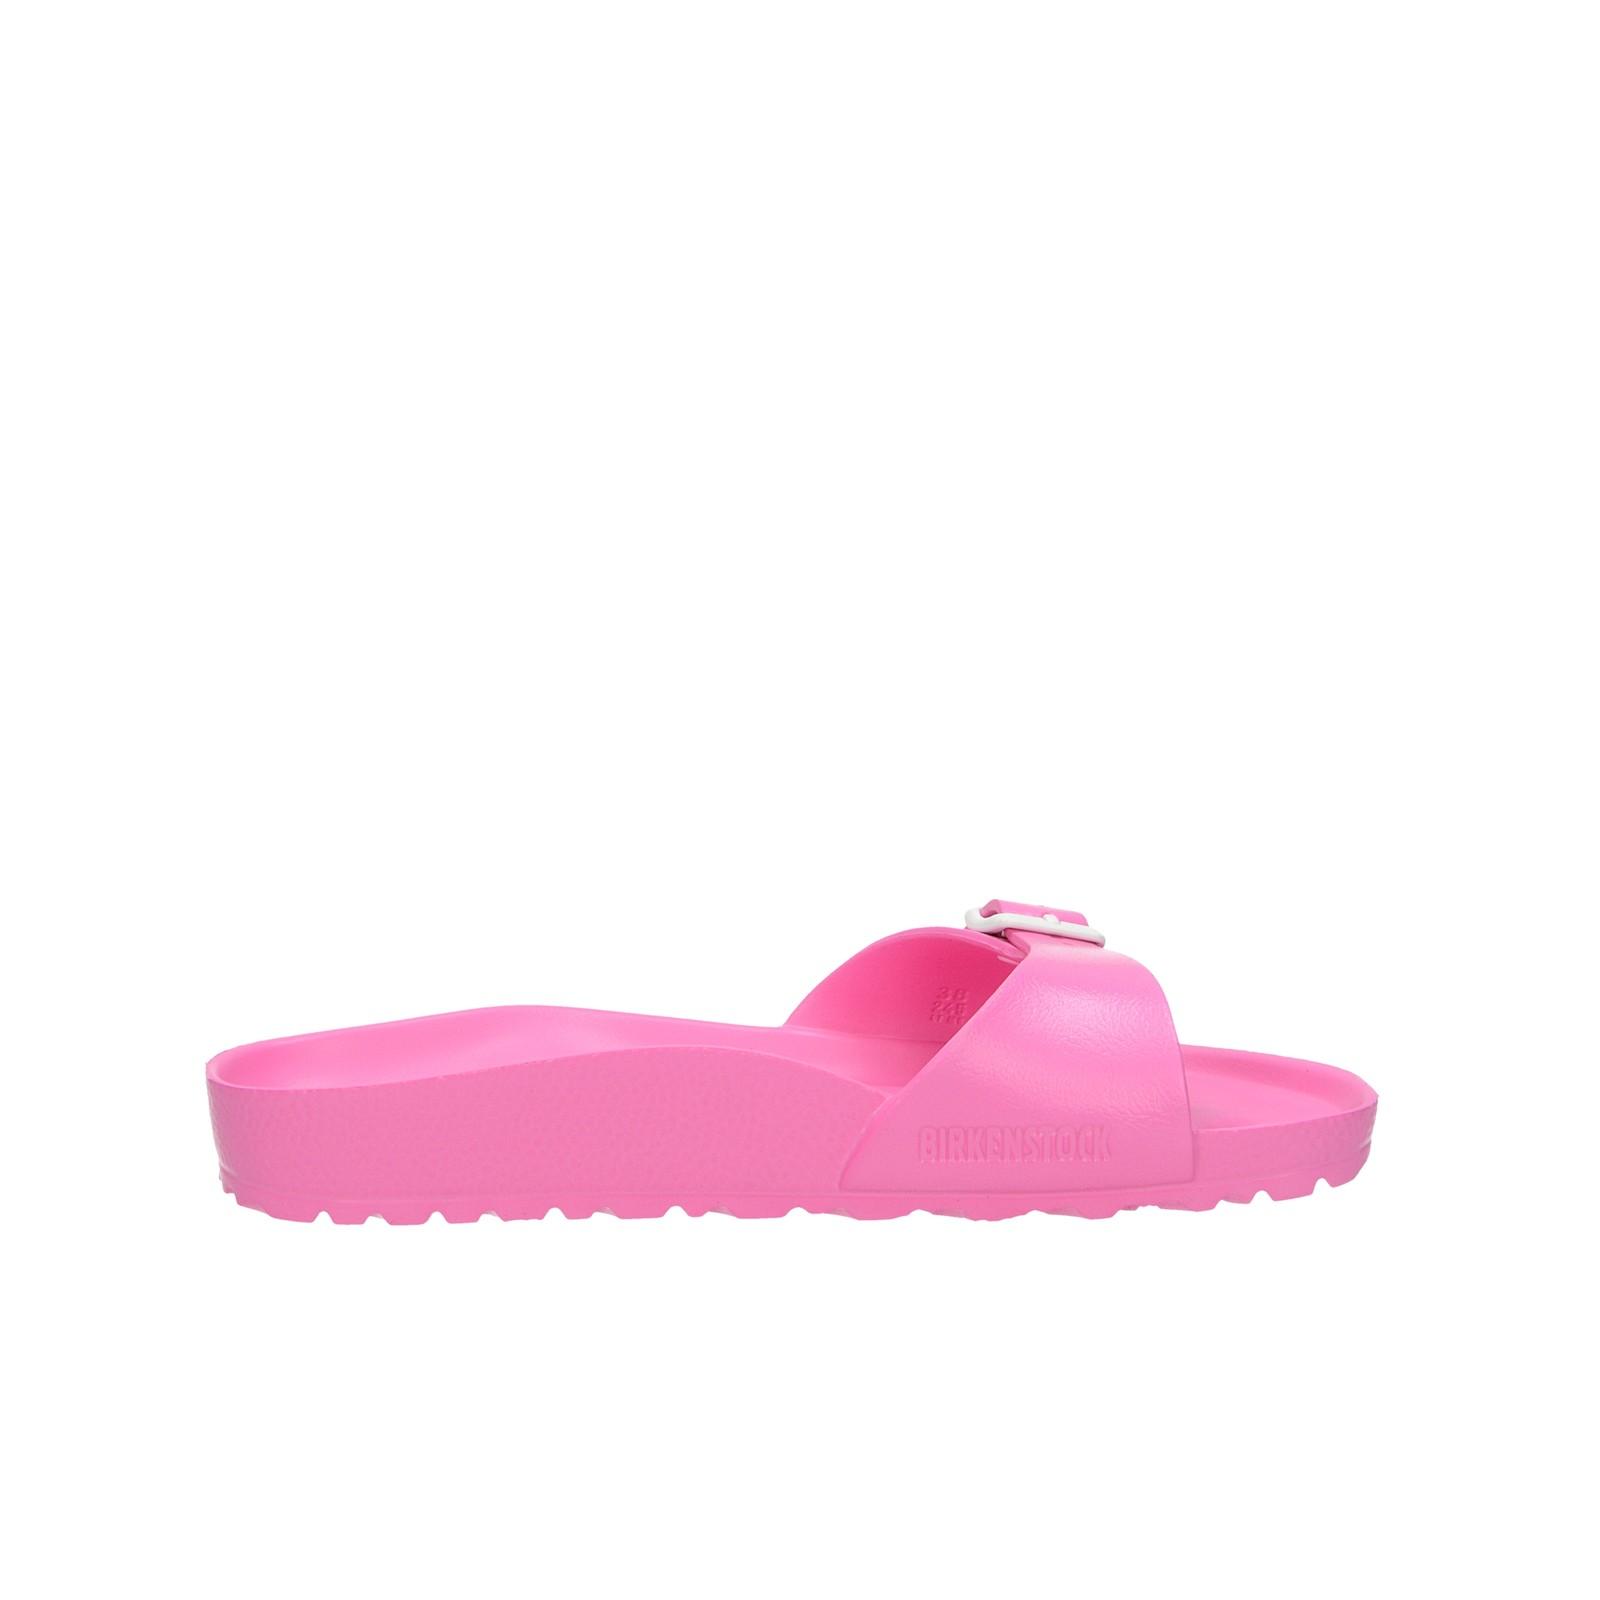 8a17650560381 Birkenstock dámske pohodlné šľapky - ružové   128303-PINK www.robel.sk